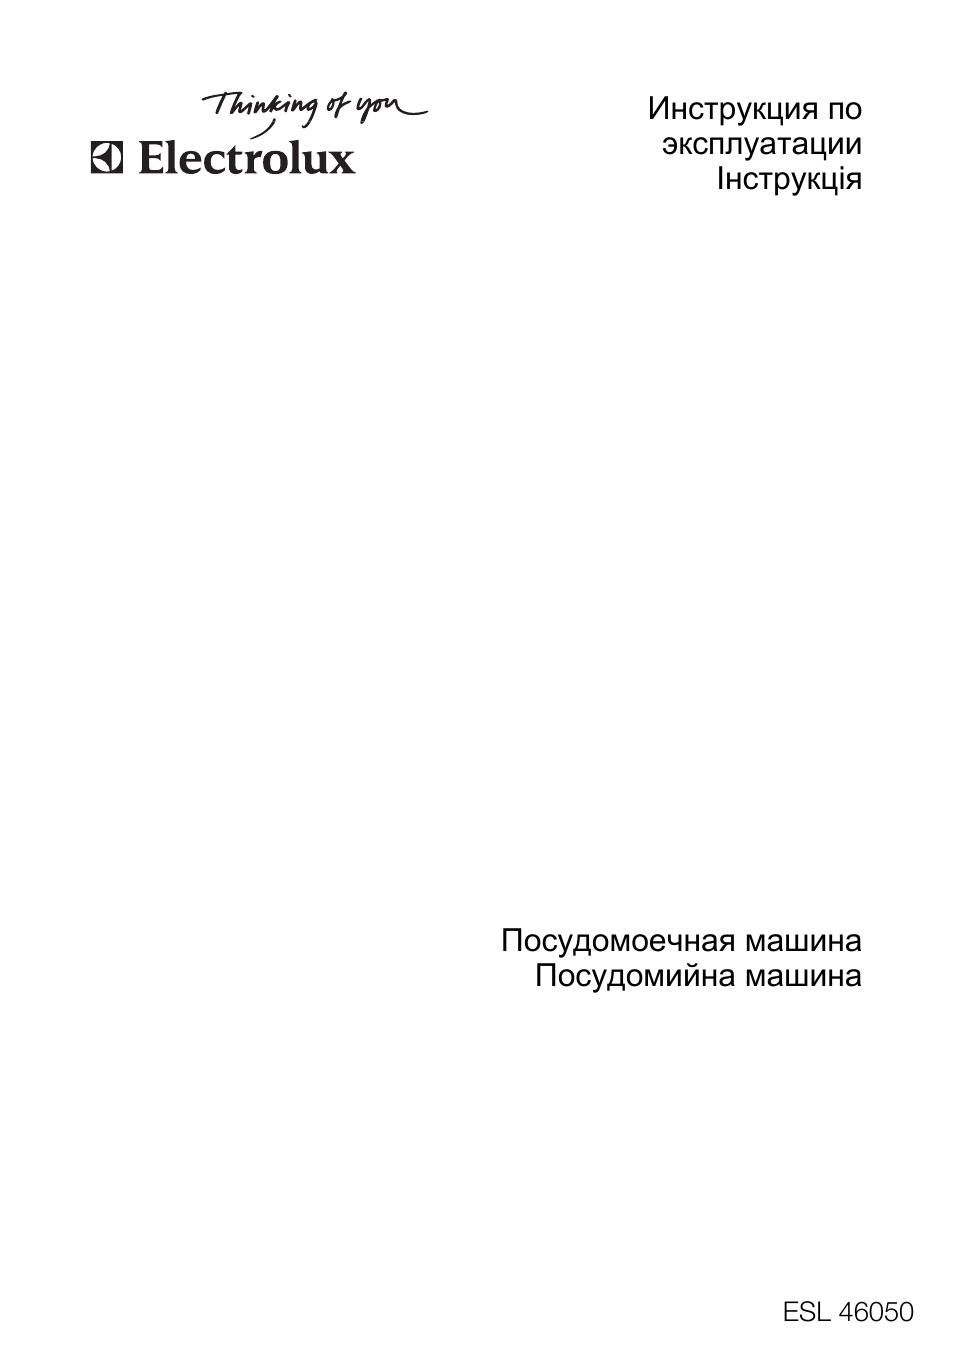 Инструкция по эксплуатации Інструкція Посудомоечная машина П.